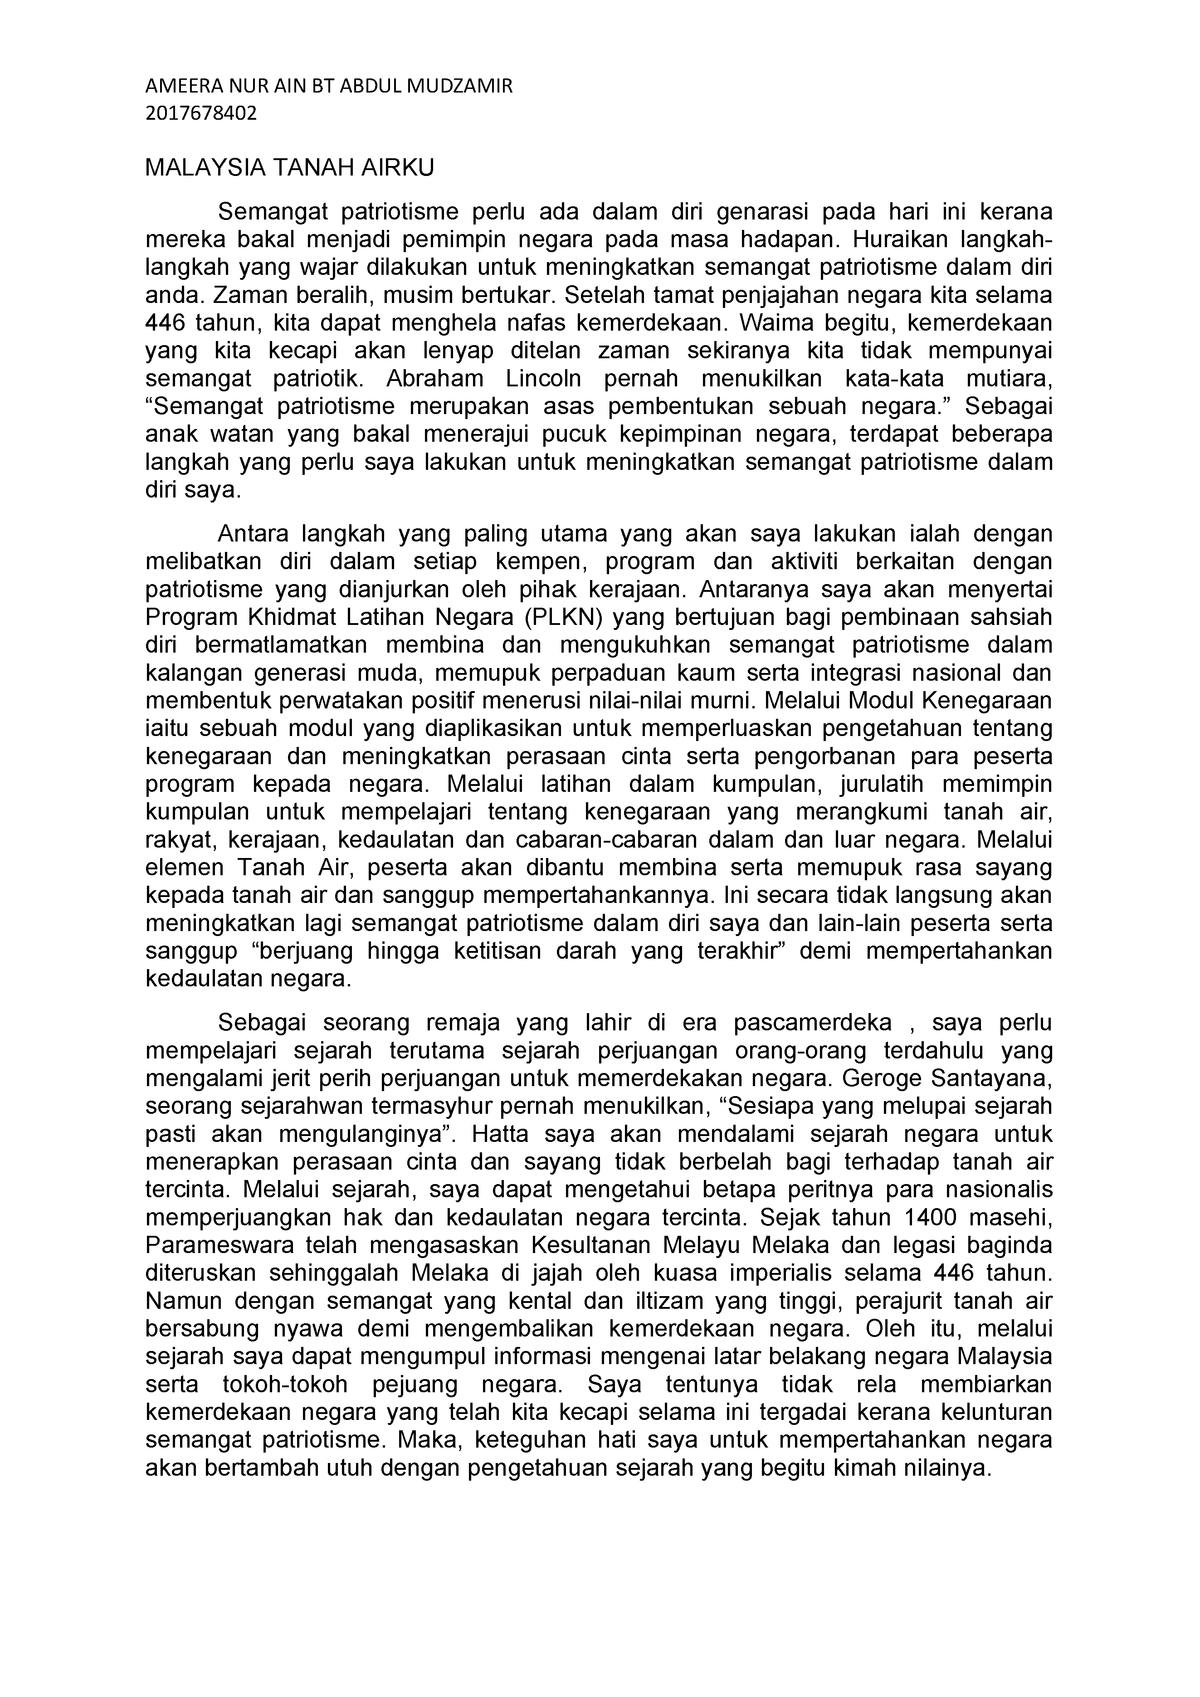 Contoh Karangan Autobiografi Grasmi